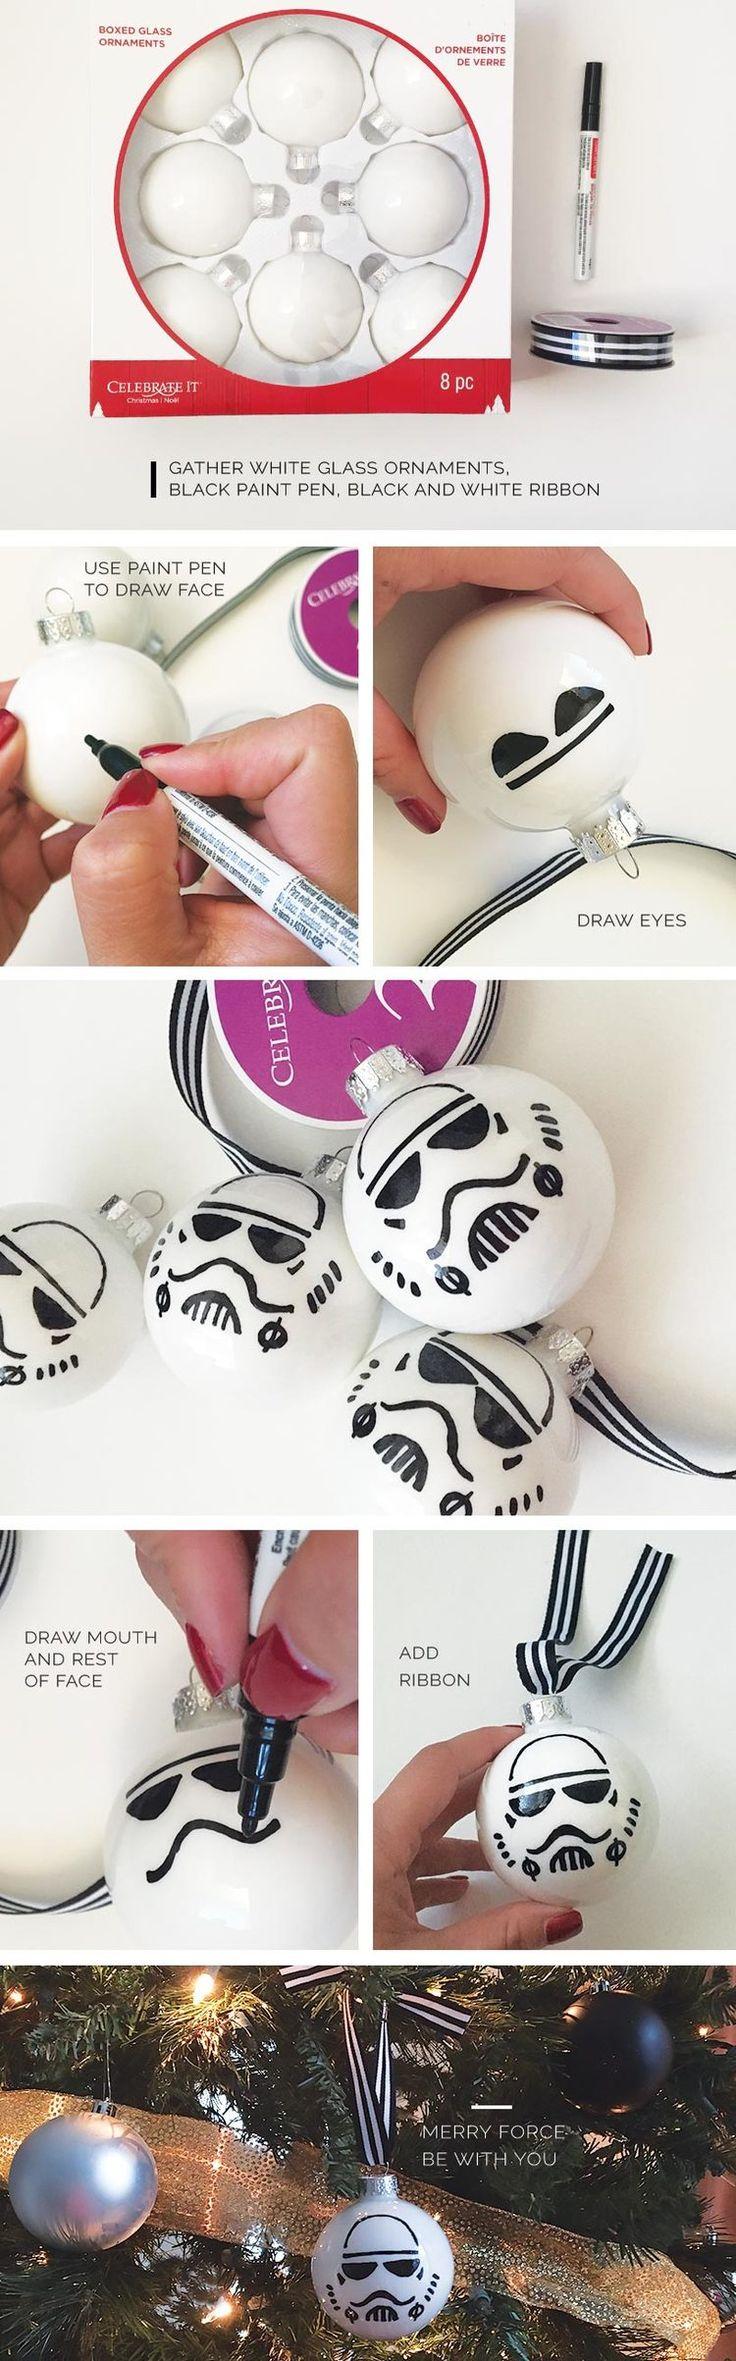 stormtroopers_ornament.jpg